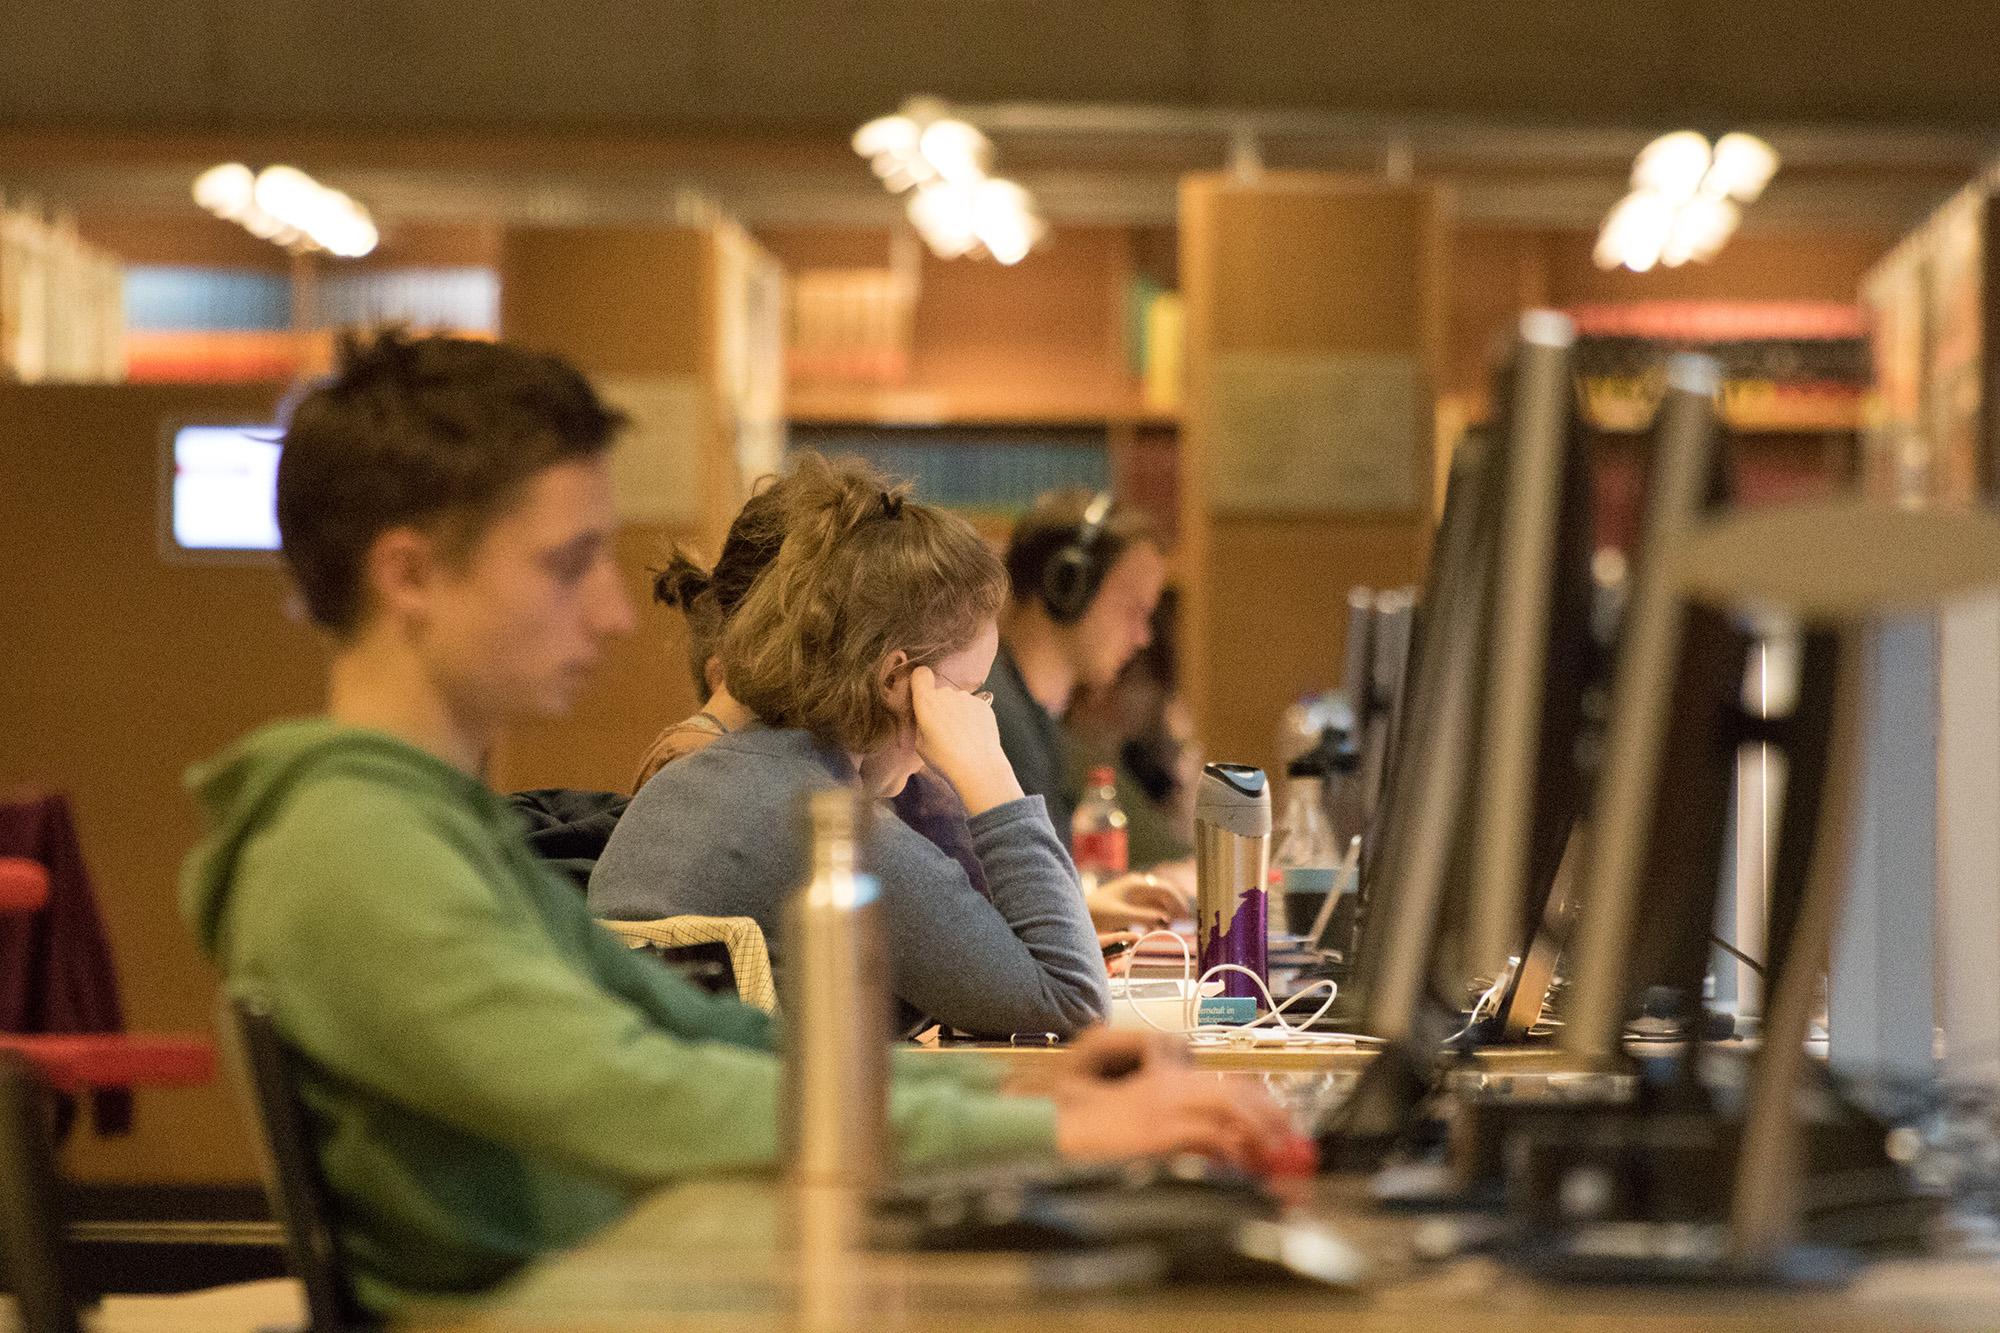 Studieren mit Notebook und Smartphone